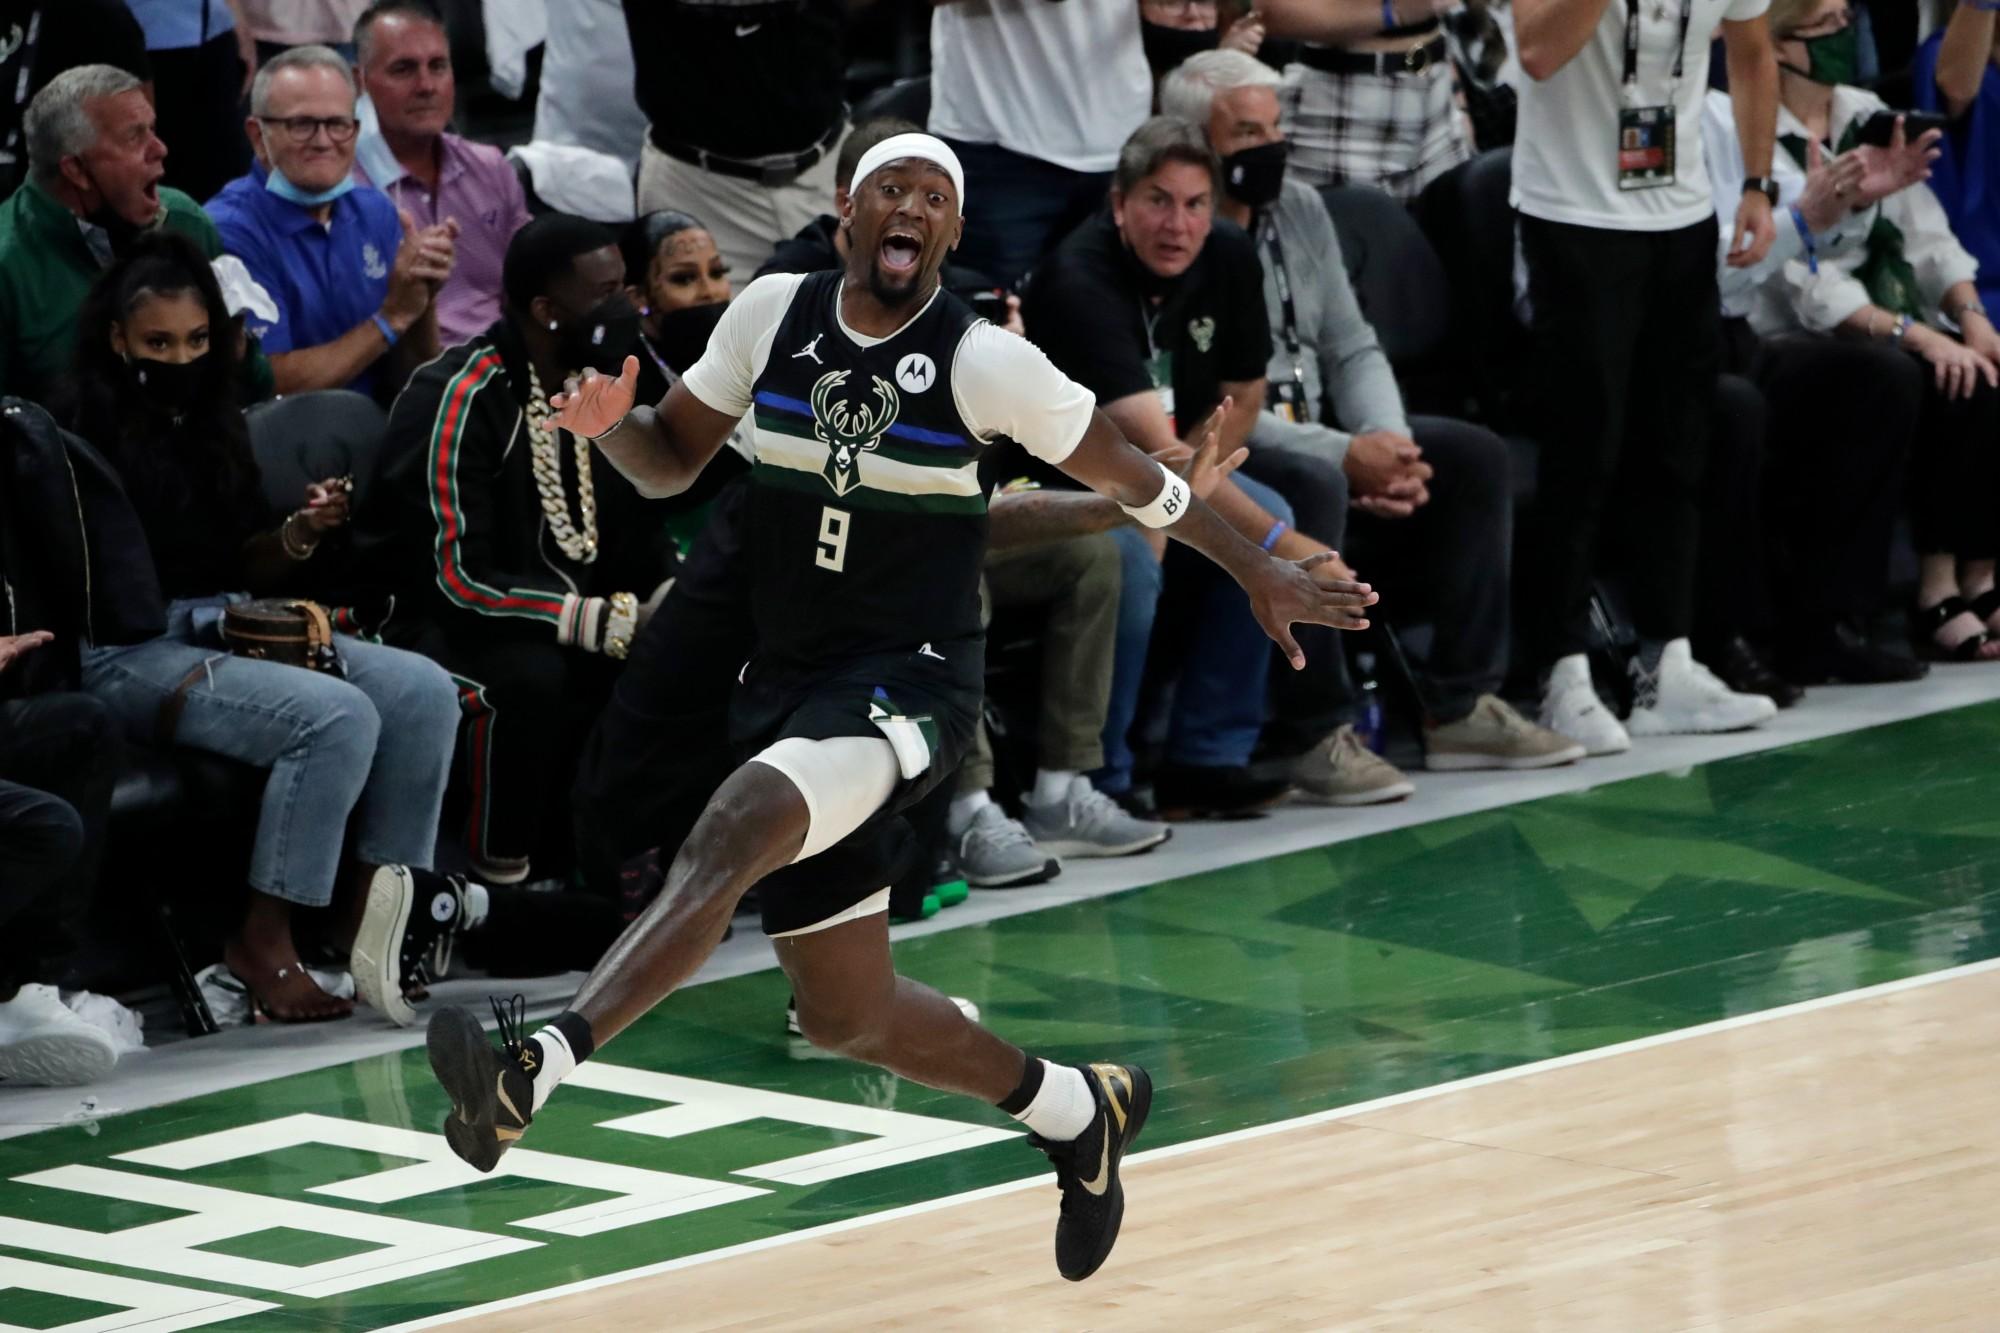 NBA_Finals_Suns_Bucks_Basketball (2)